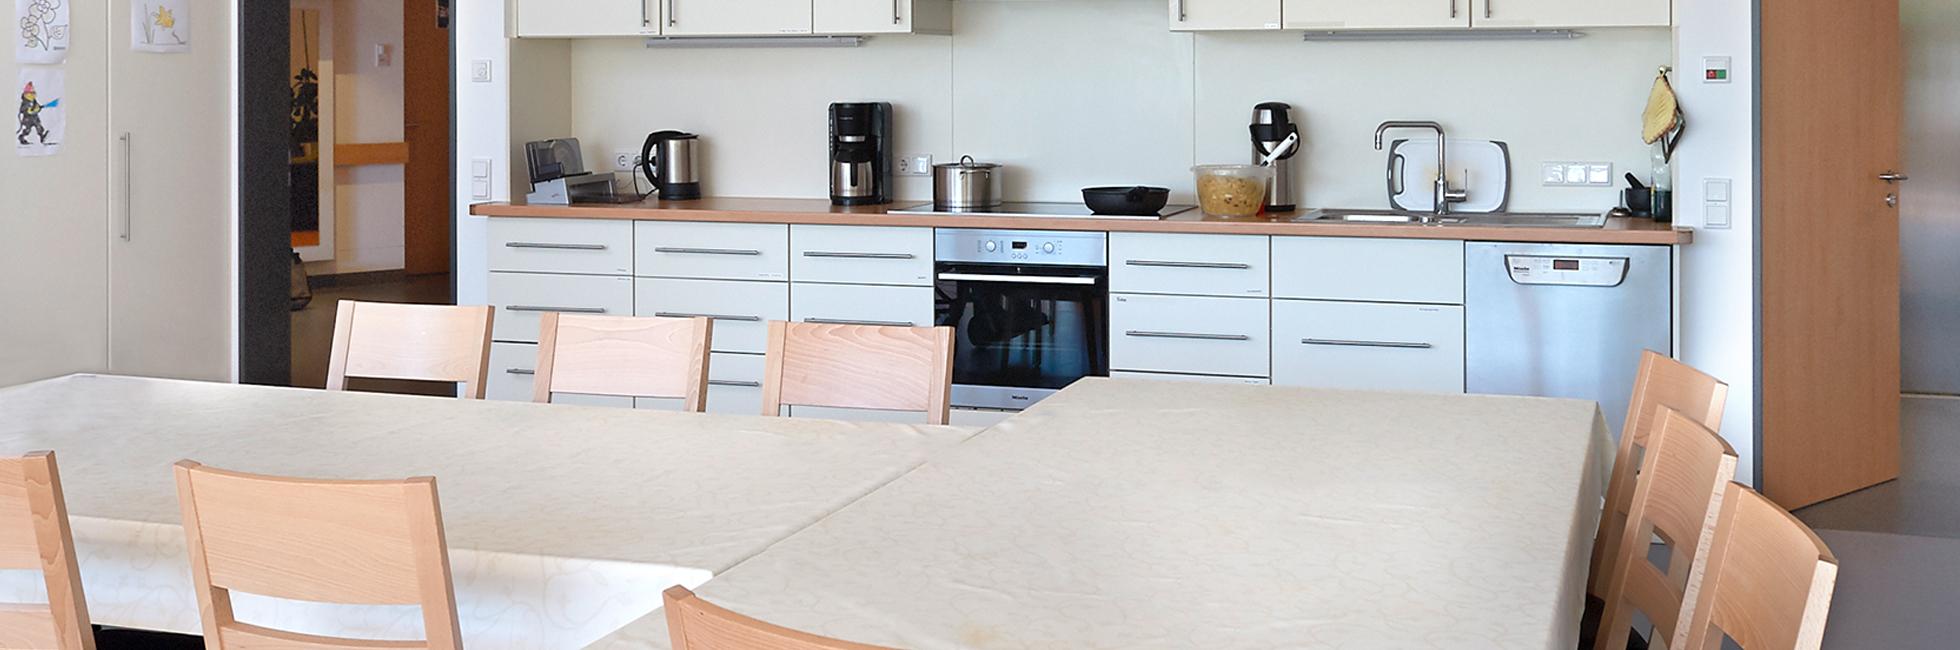 Senioren WG Haiderbach geräumige Küche